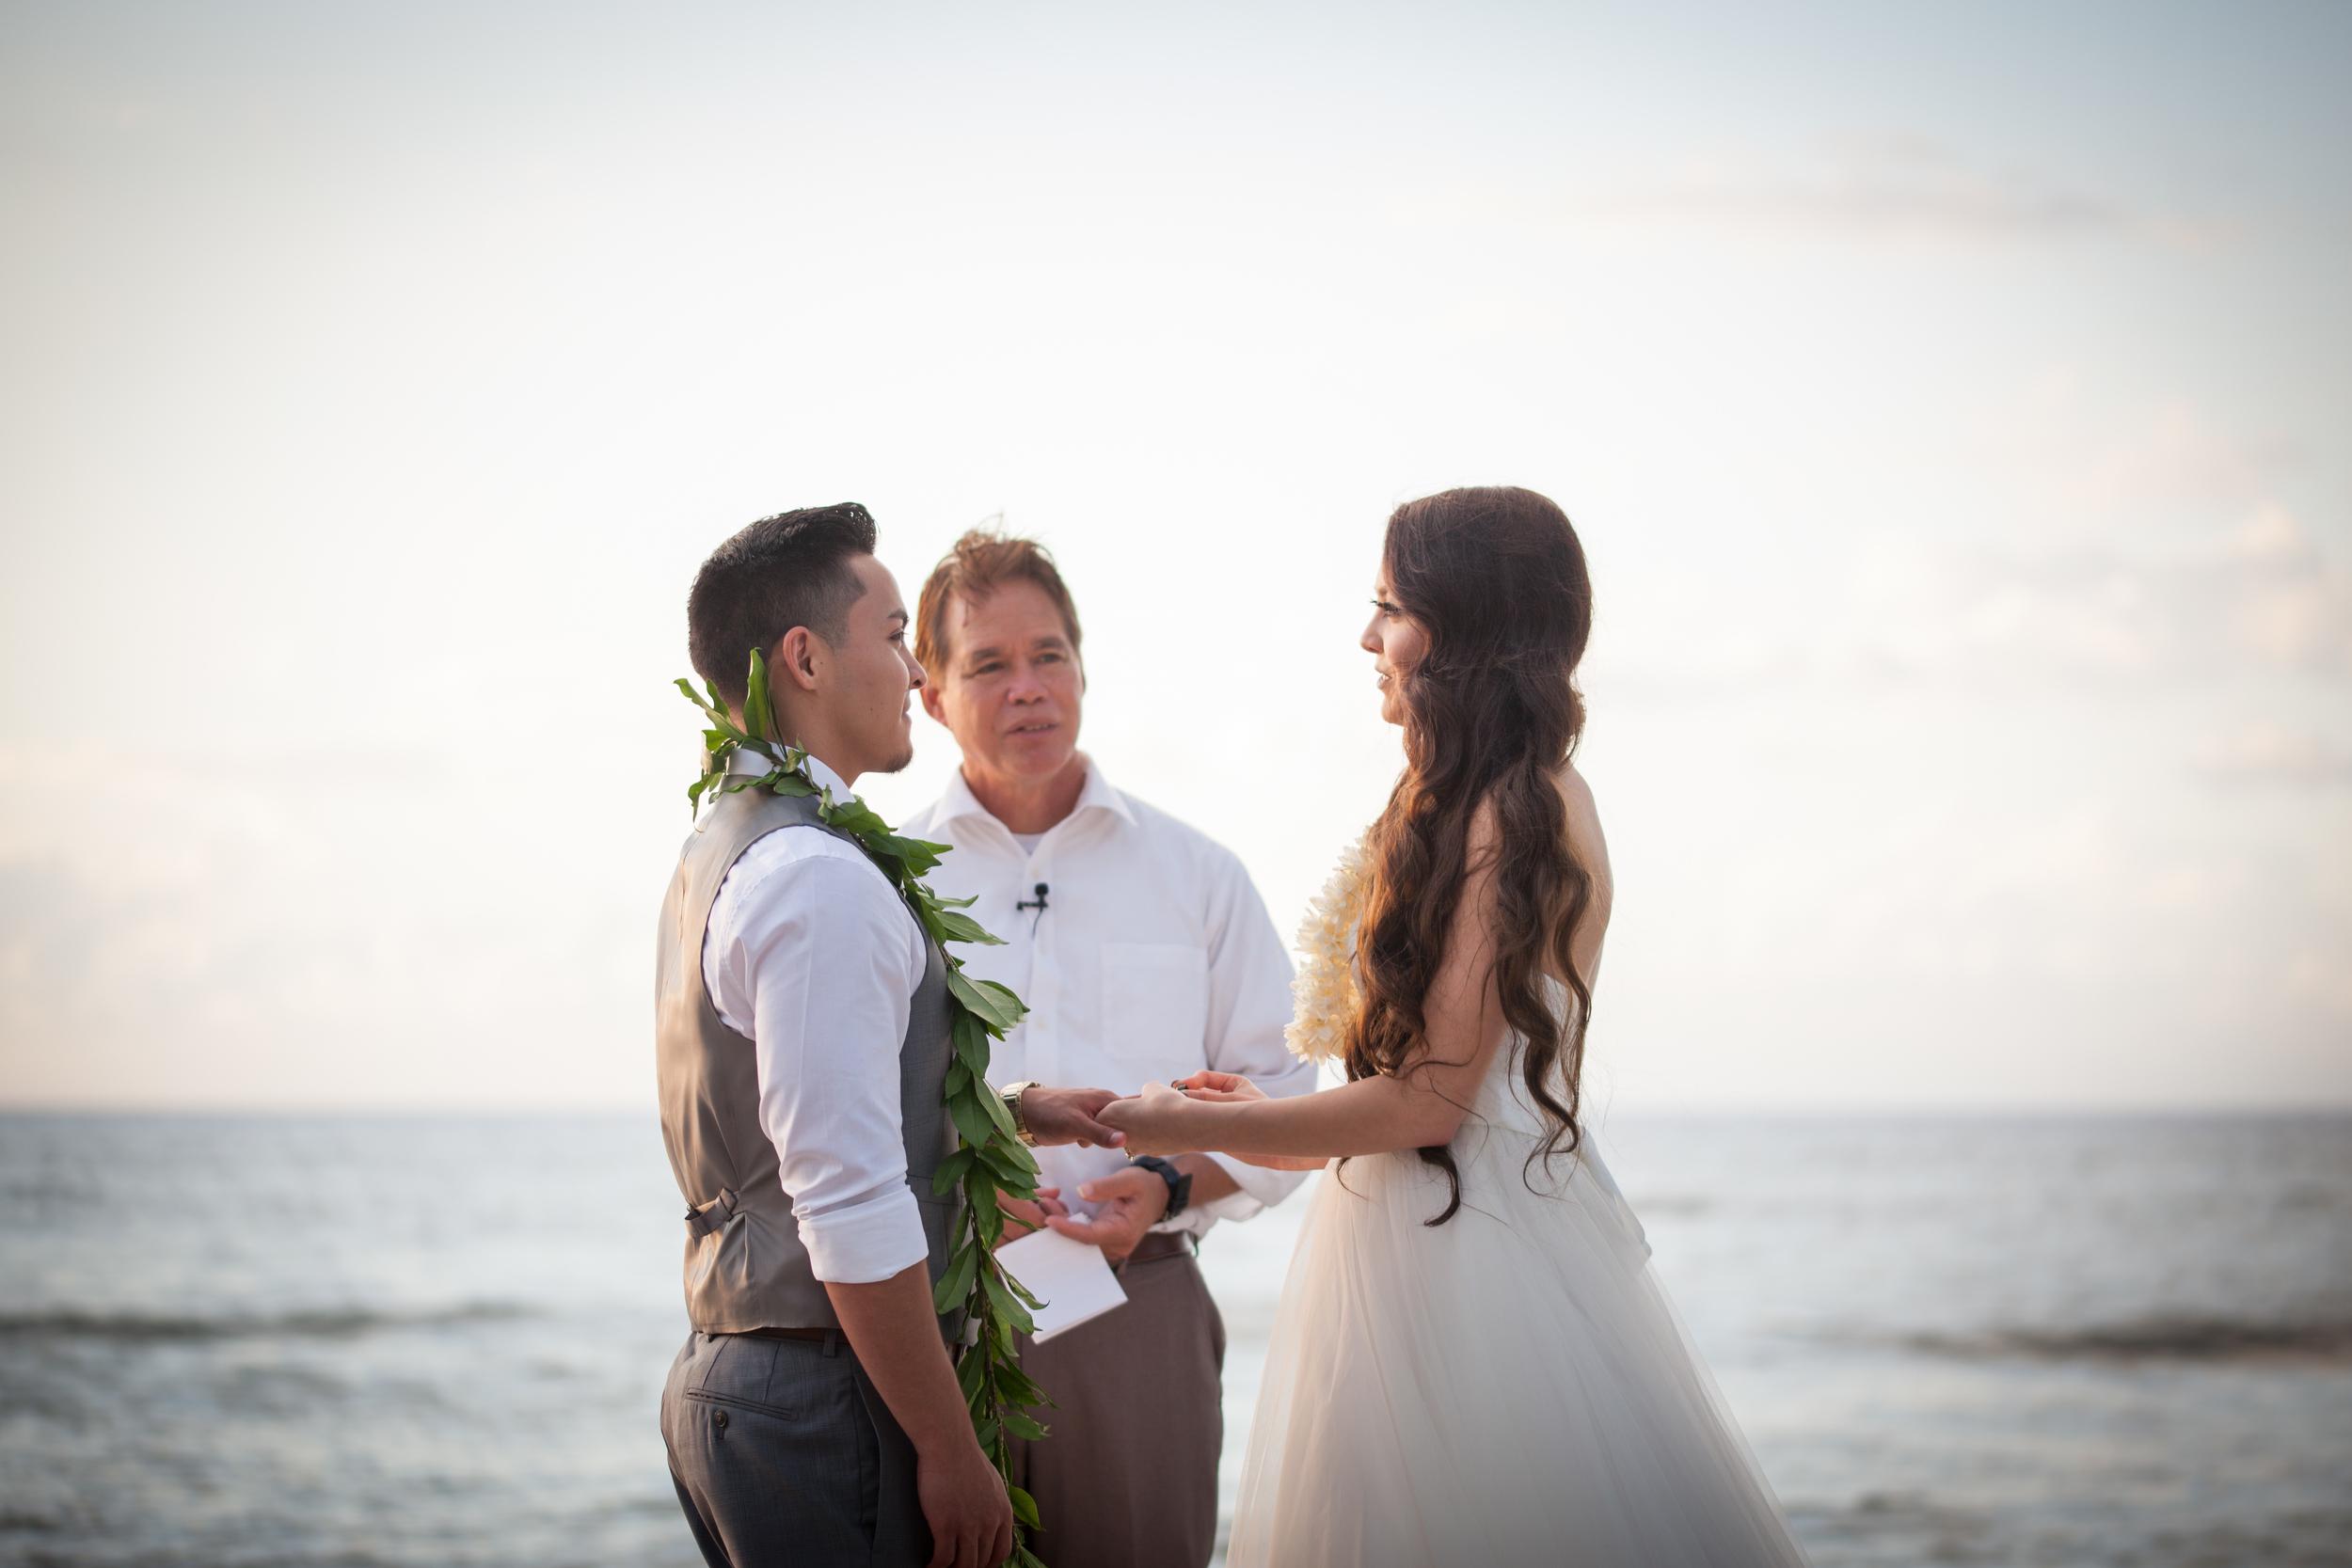 big island hawaii mauna lani resort wedding © kelilina photography 20160523183536-1.jpg